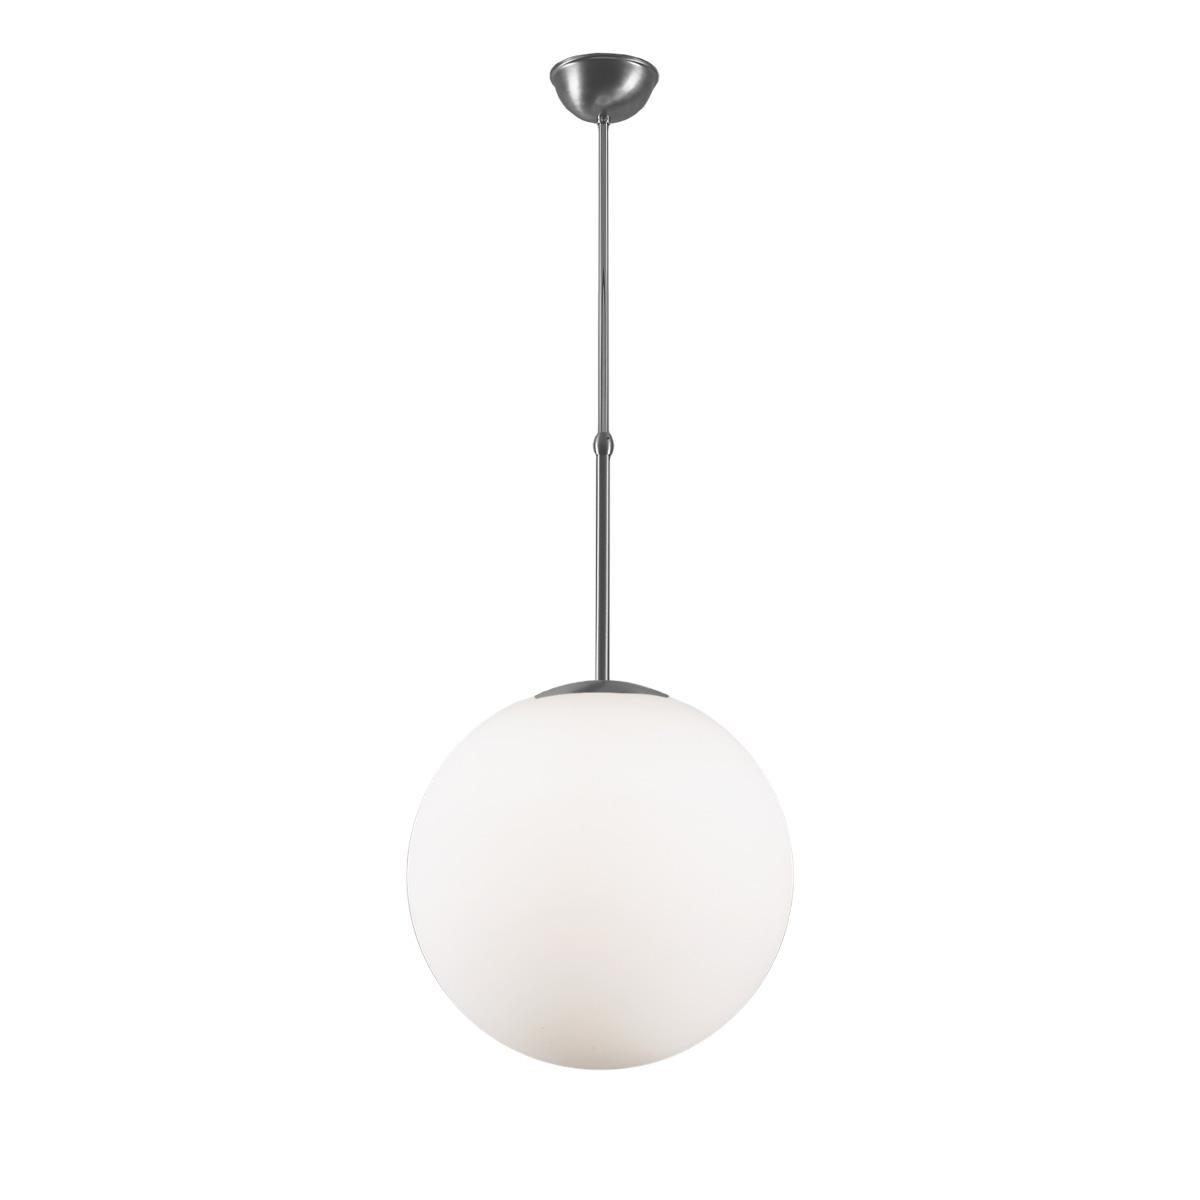 Μοντέρνο κρεμαστό φωτιστικό Μουράνο ΜΠΑΛΕΣ modern Murano suspension lamp